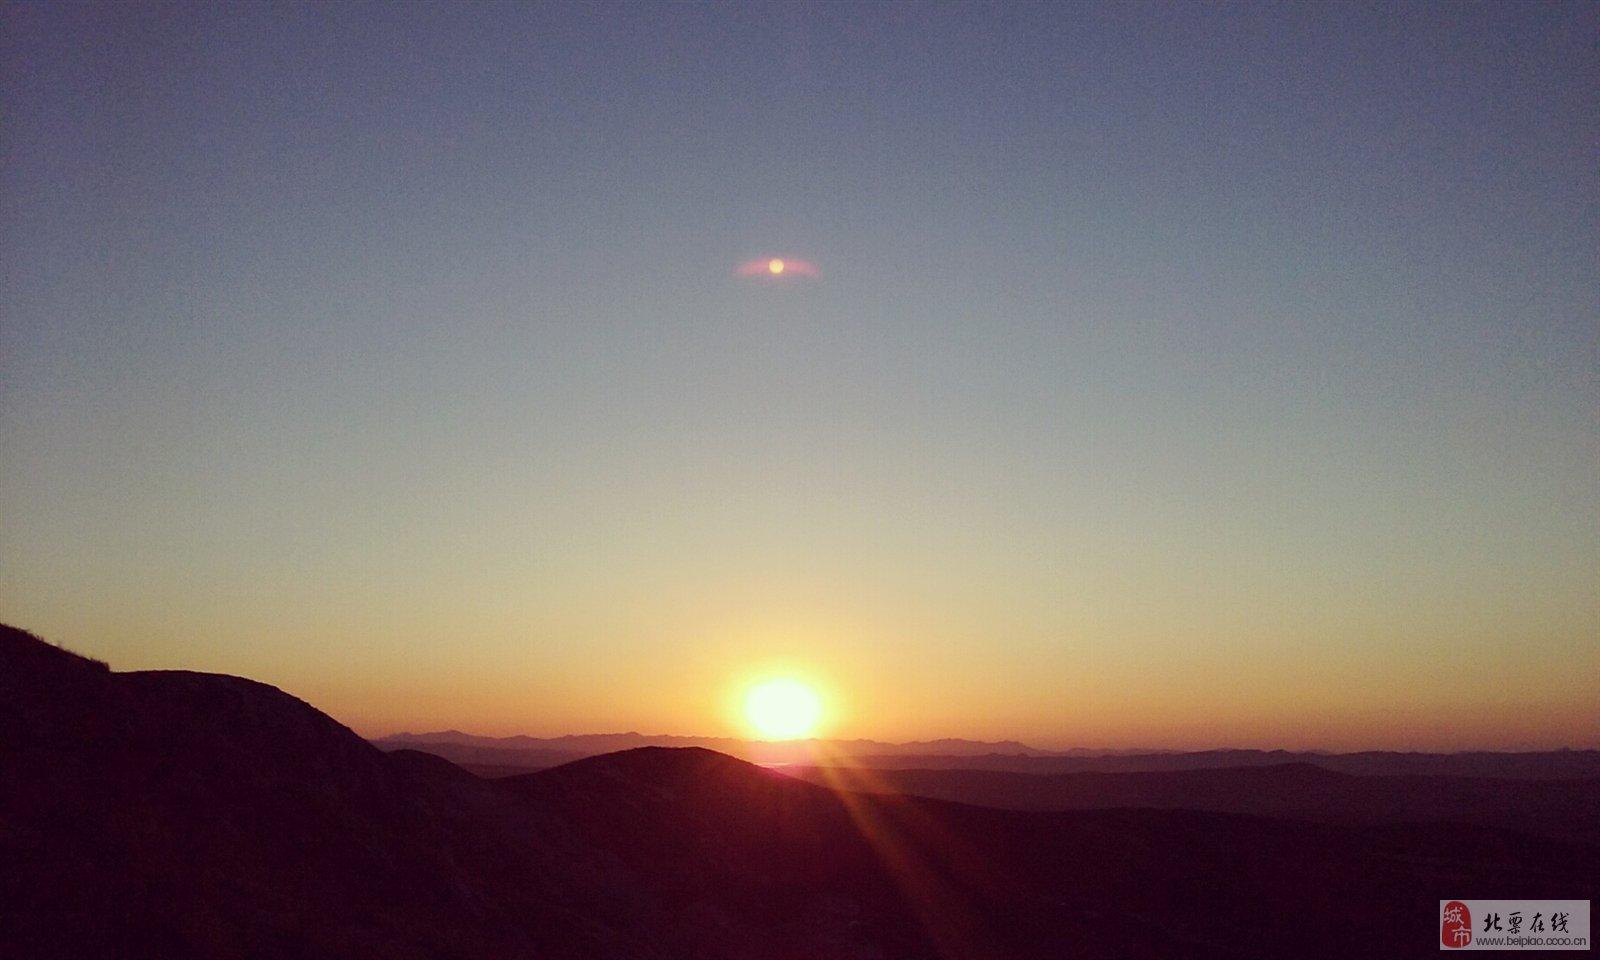 秋日里那缕阳光照耀这苍茫的大地